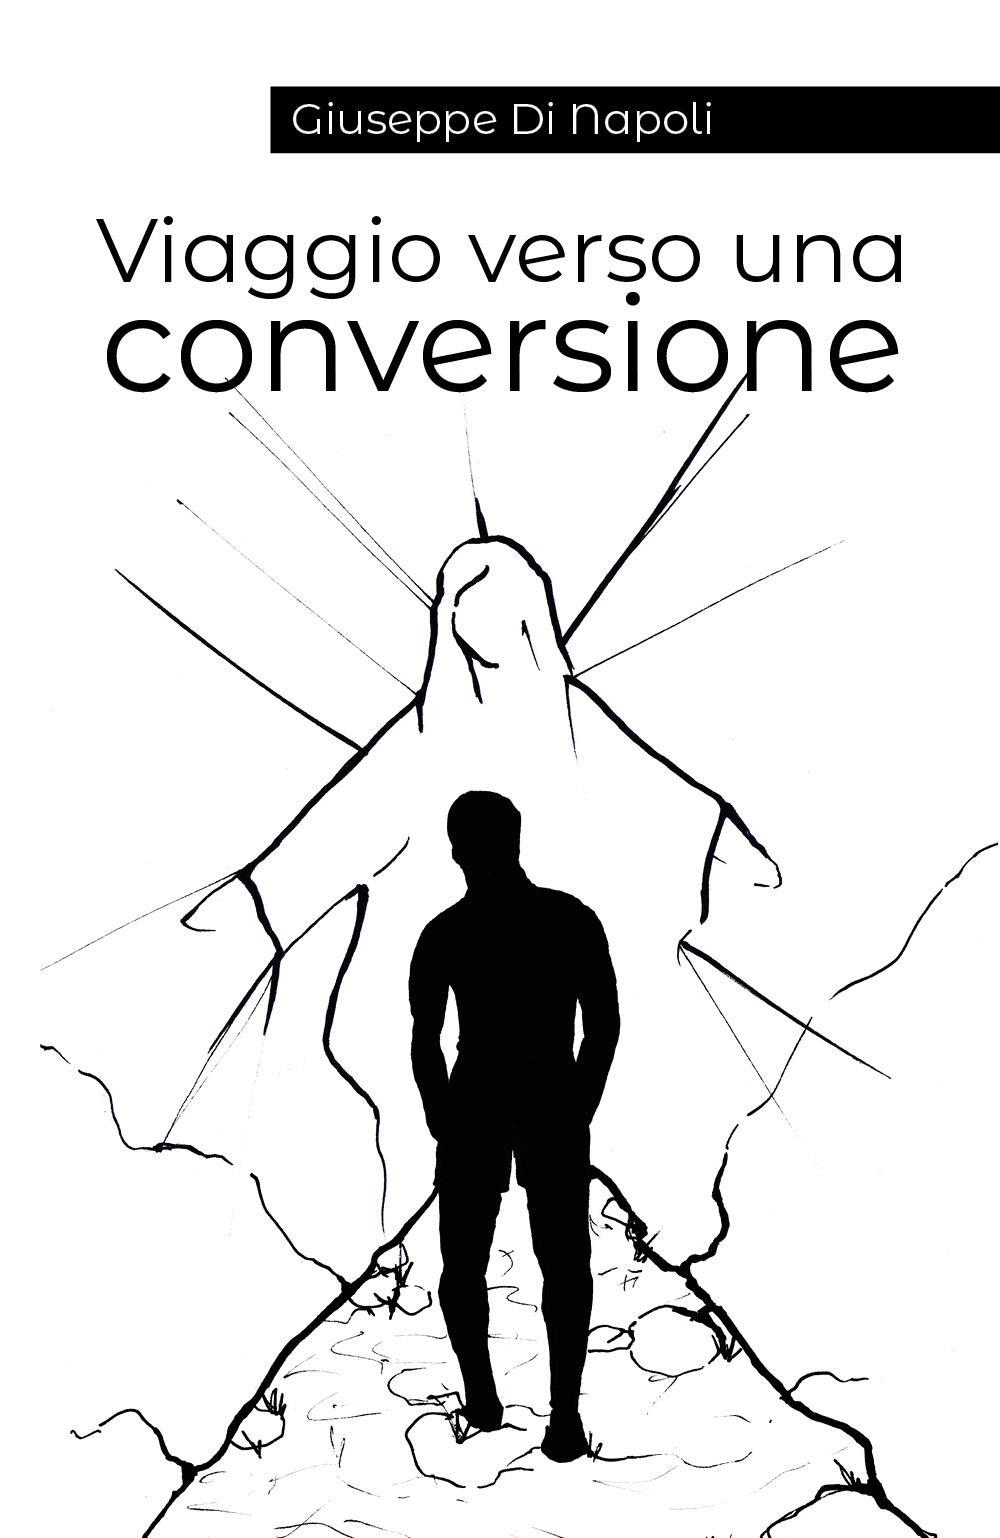 Viaggio verso una conversione